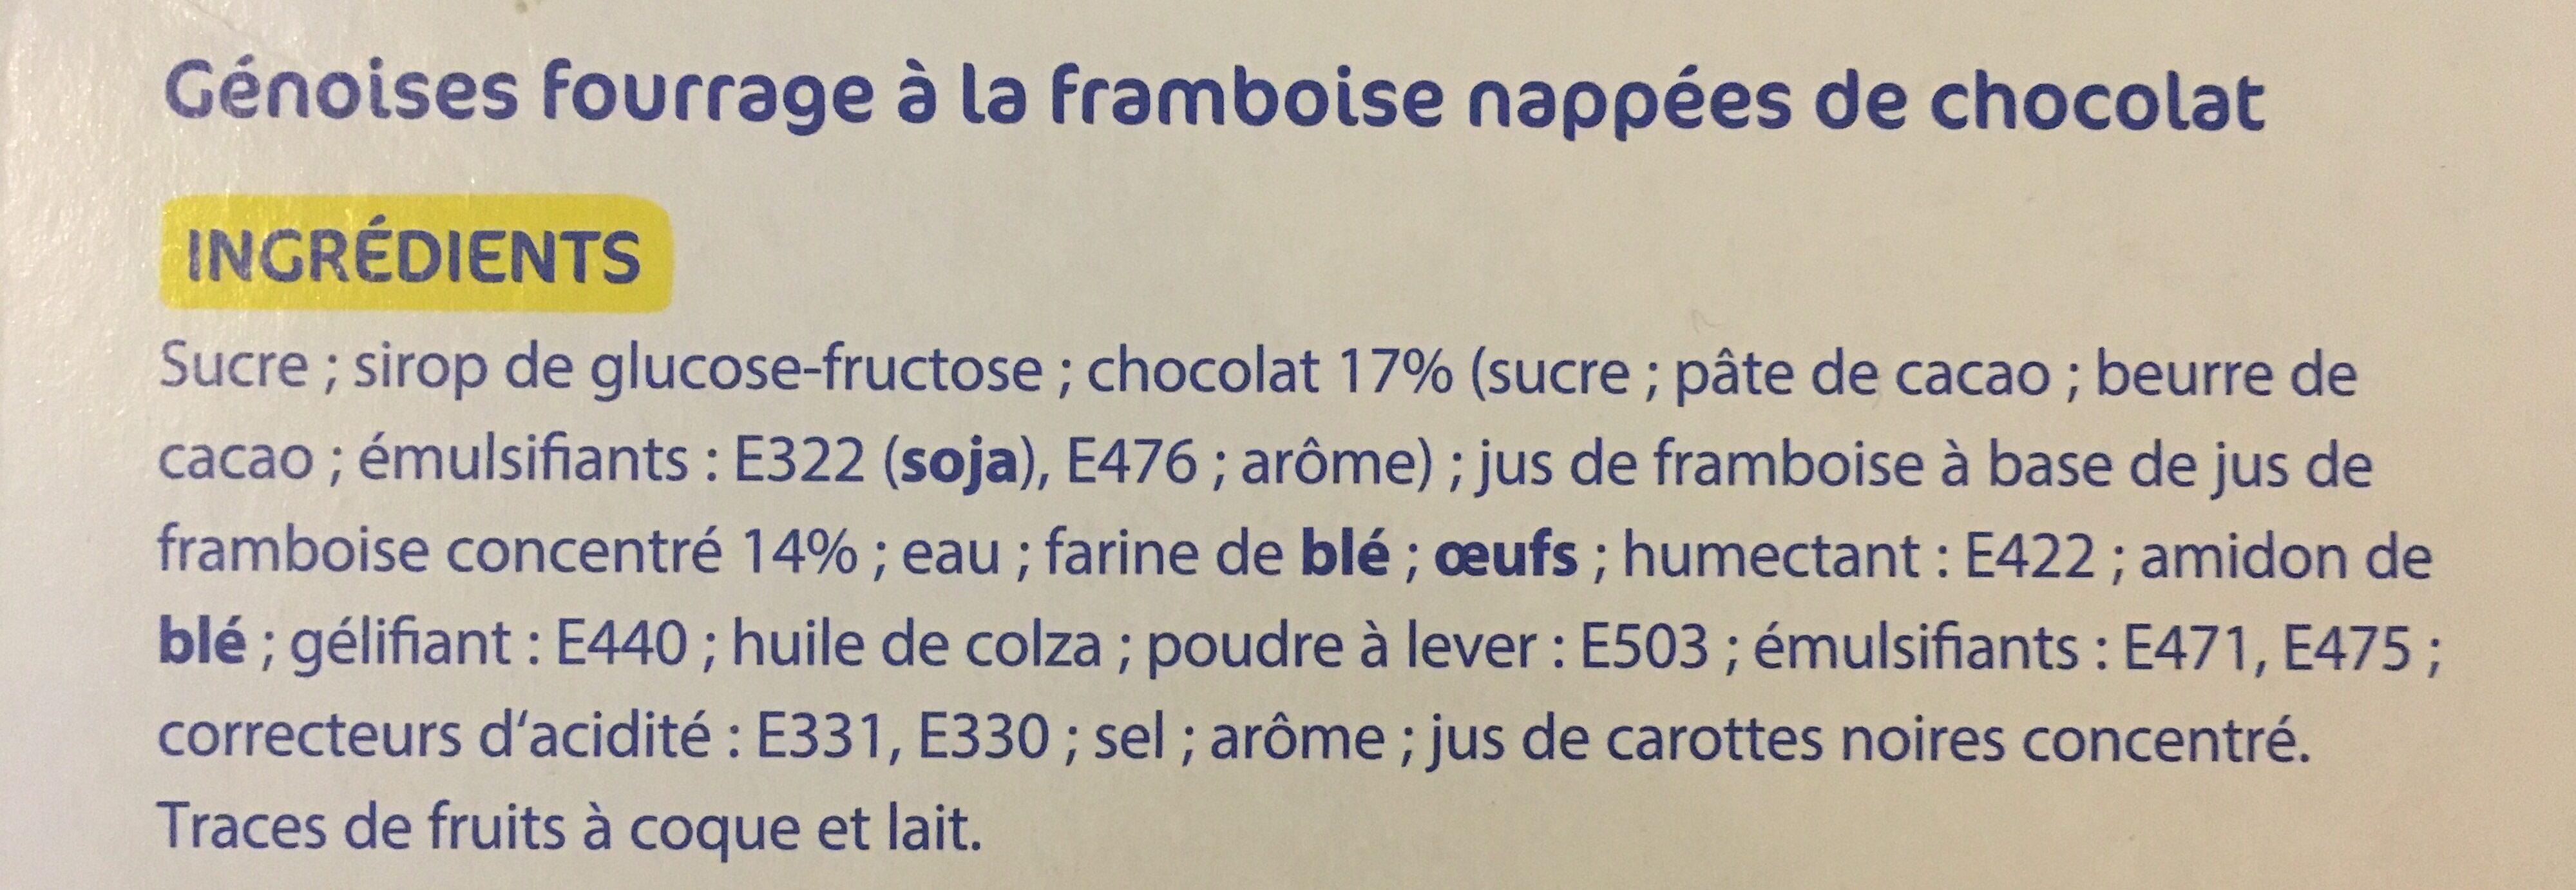 24 génoises fourrées goût framboise - Ingredients - fr